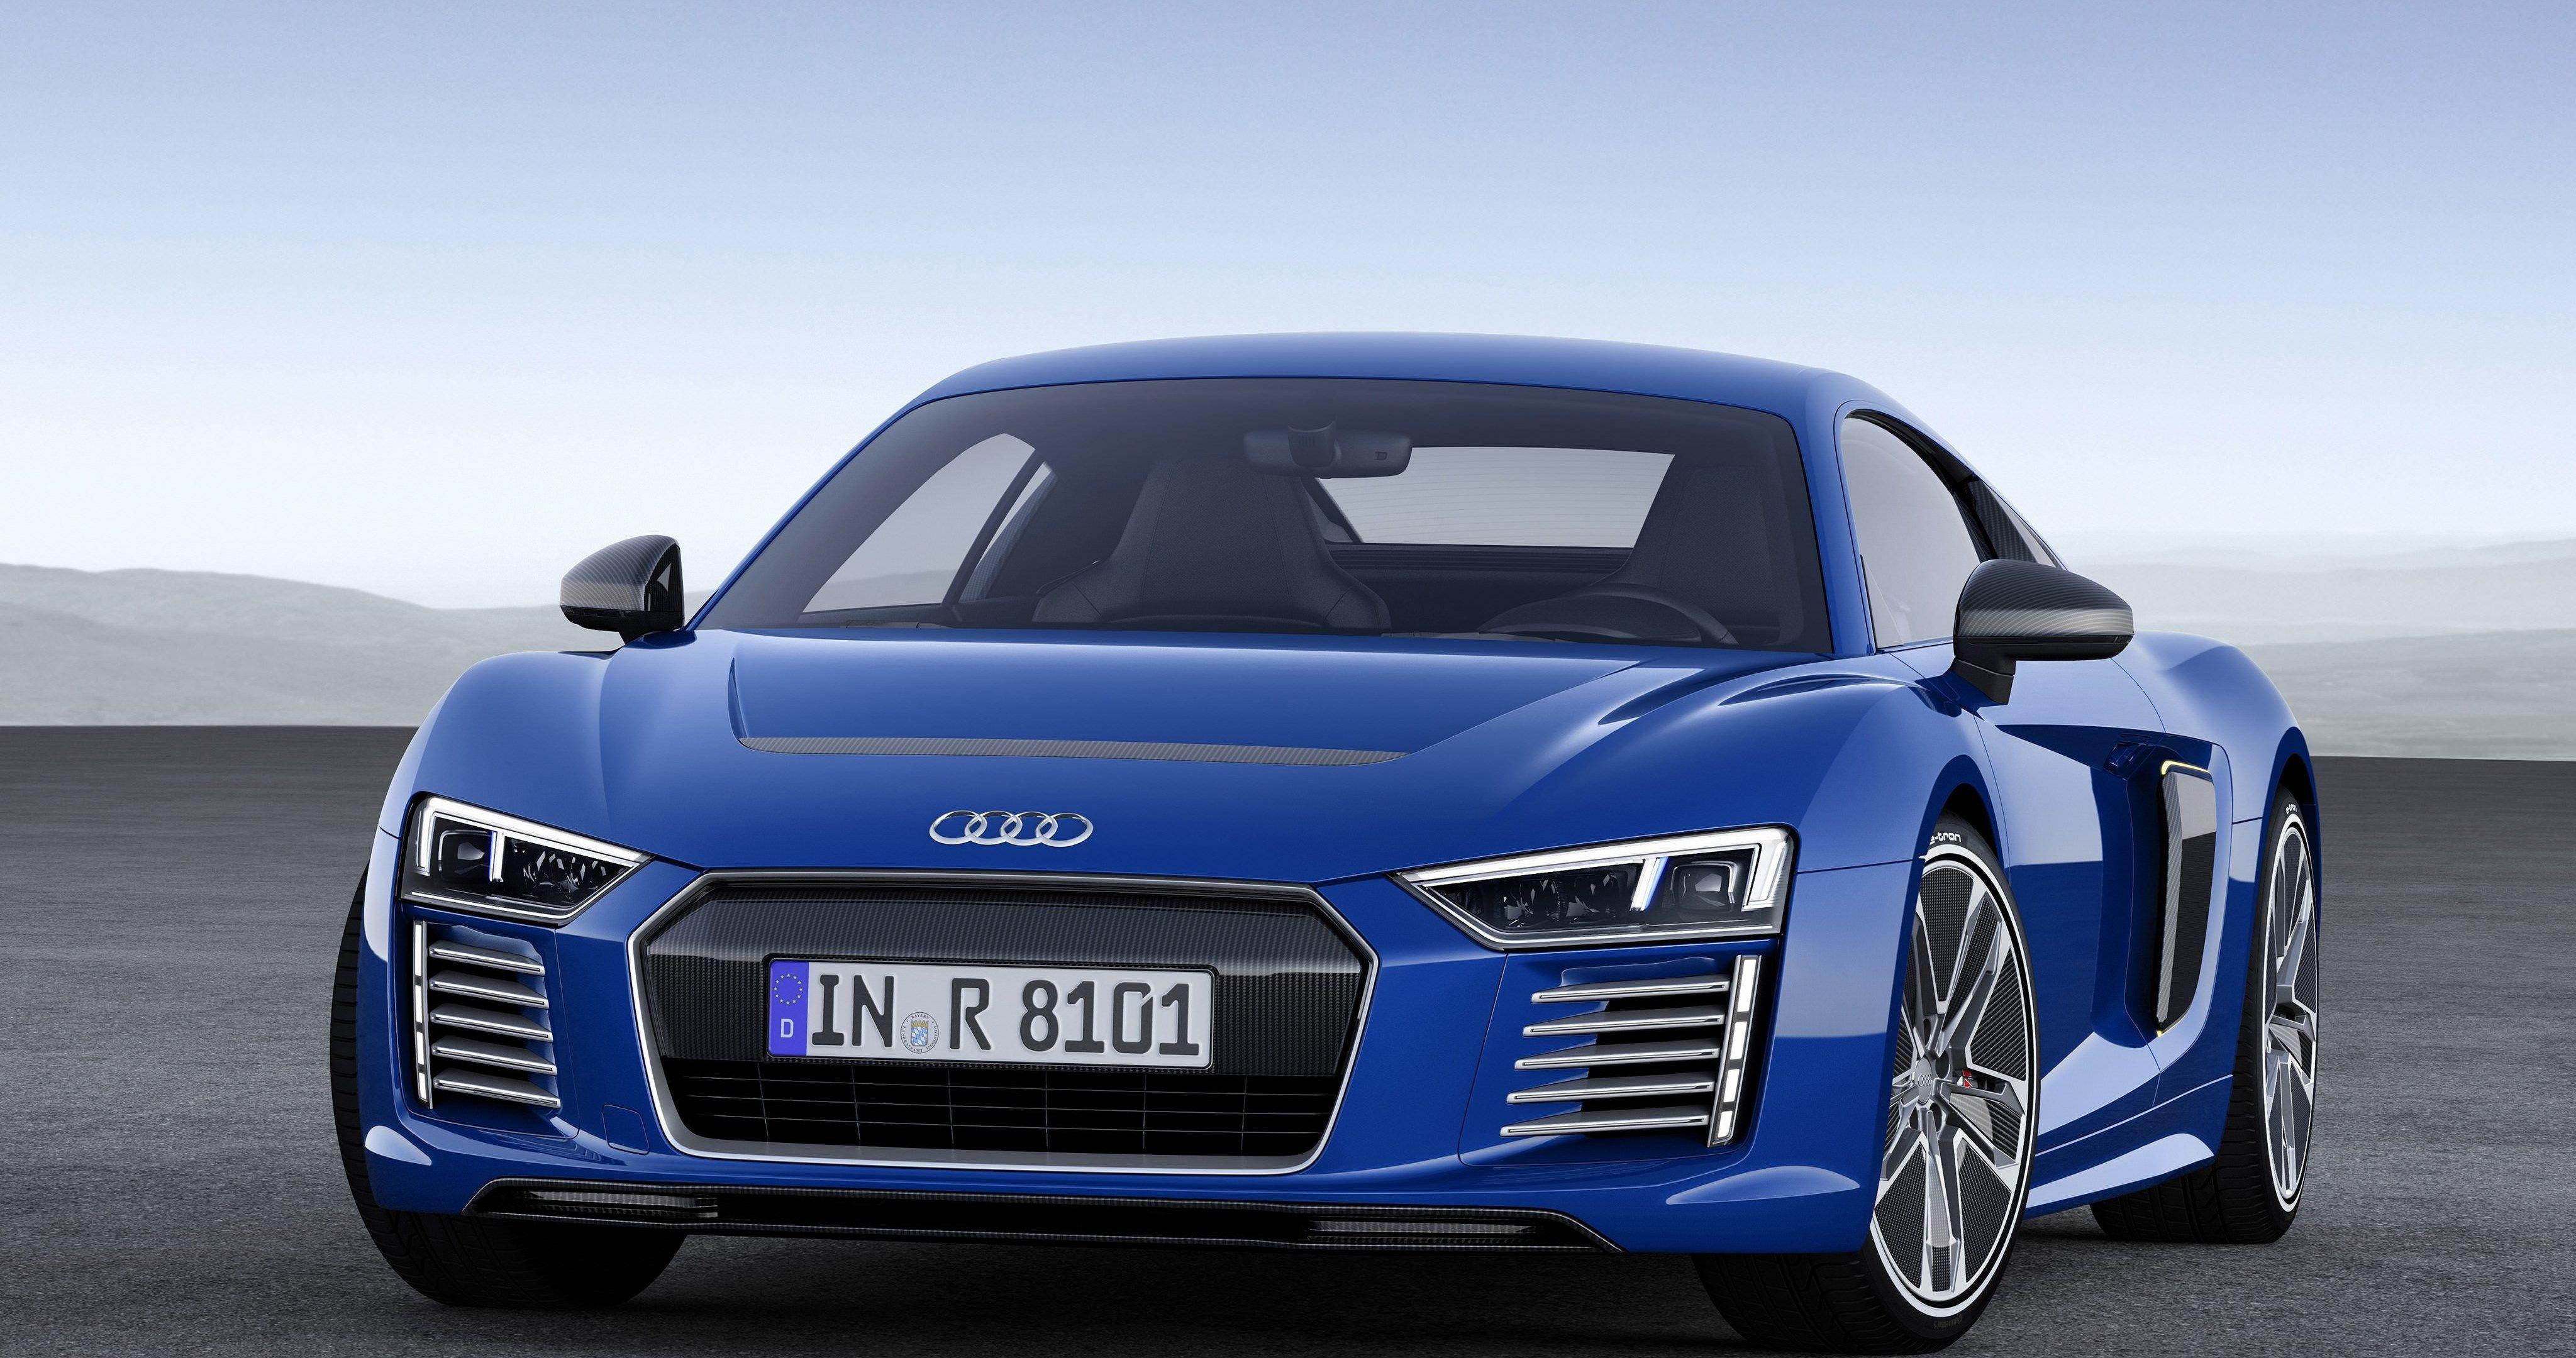 Audi r8 2015 blue 4k ultra hd wallpaper